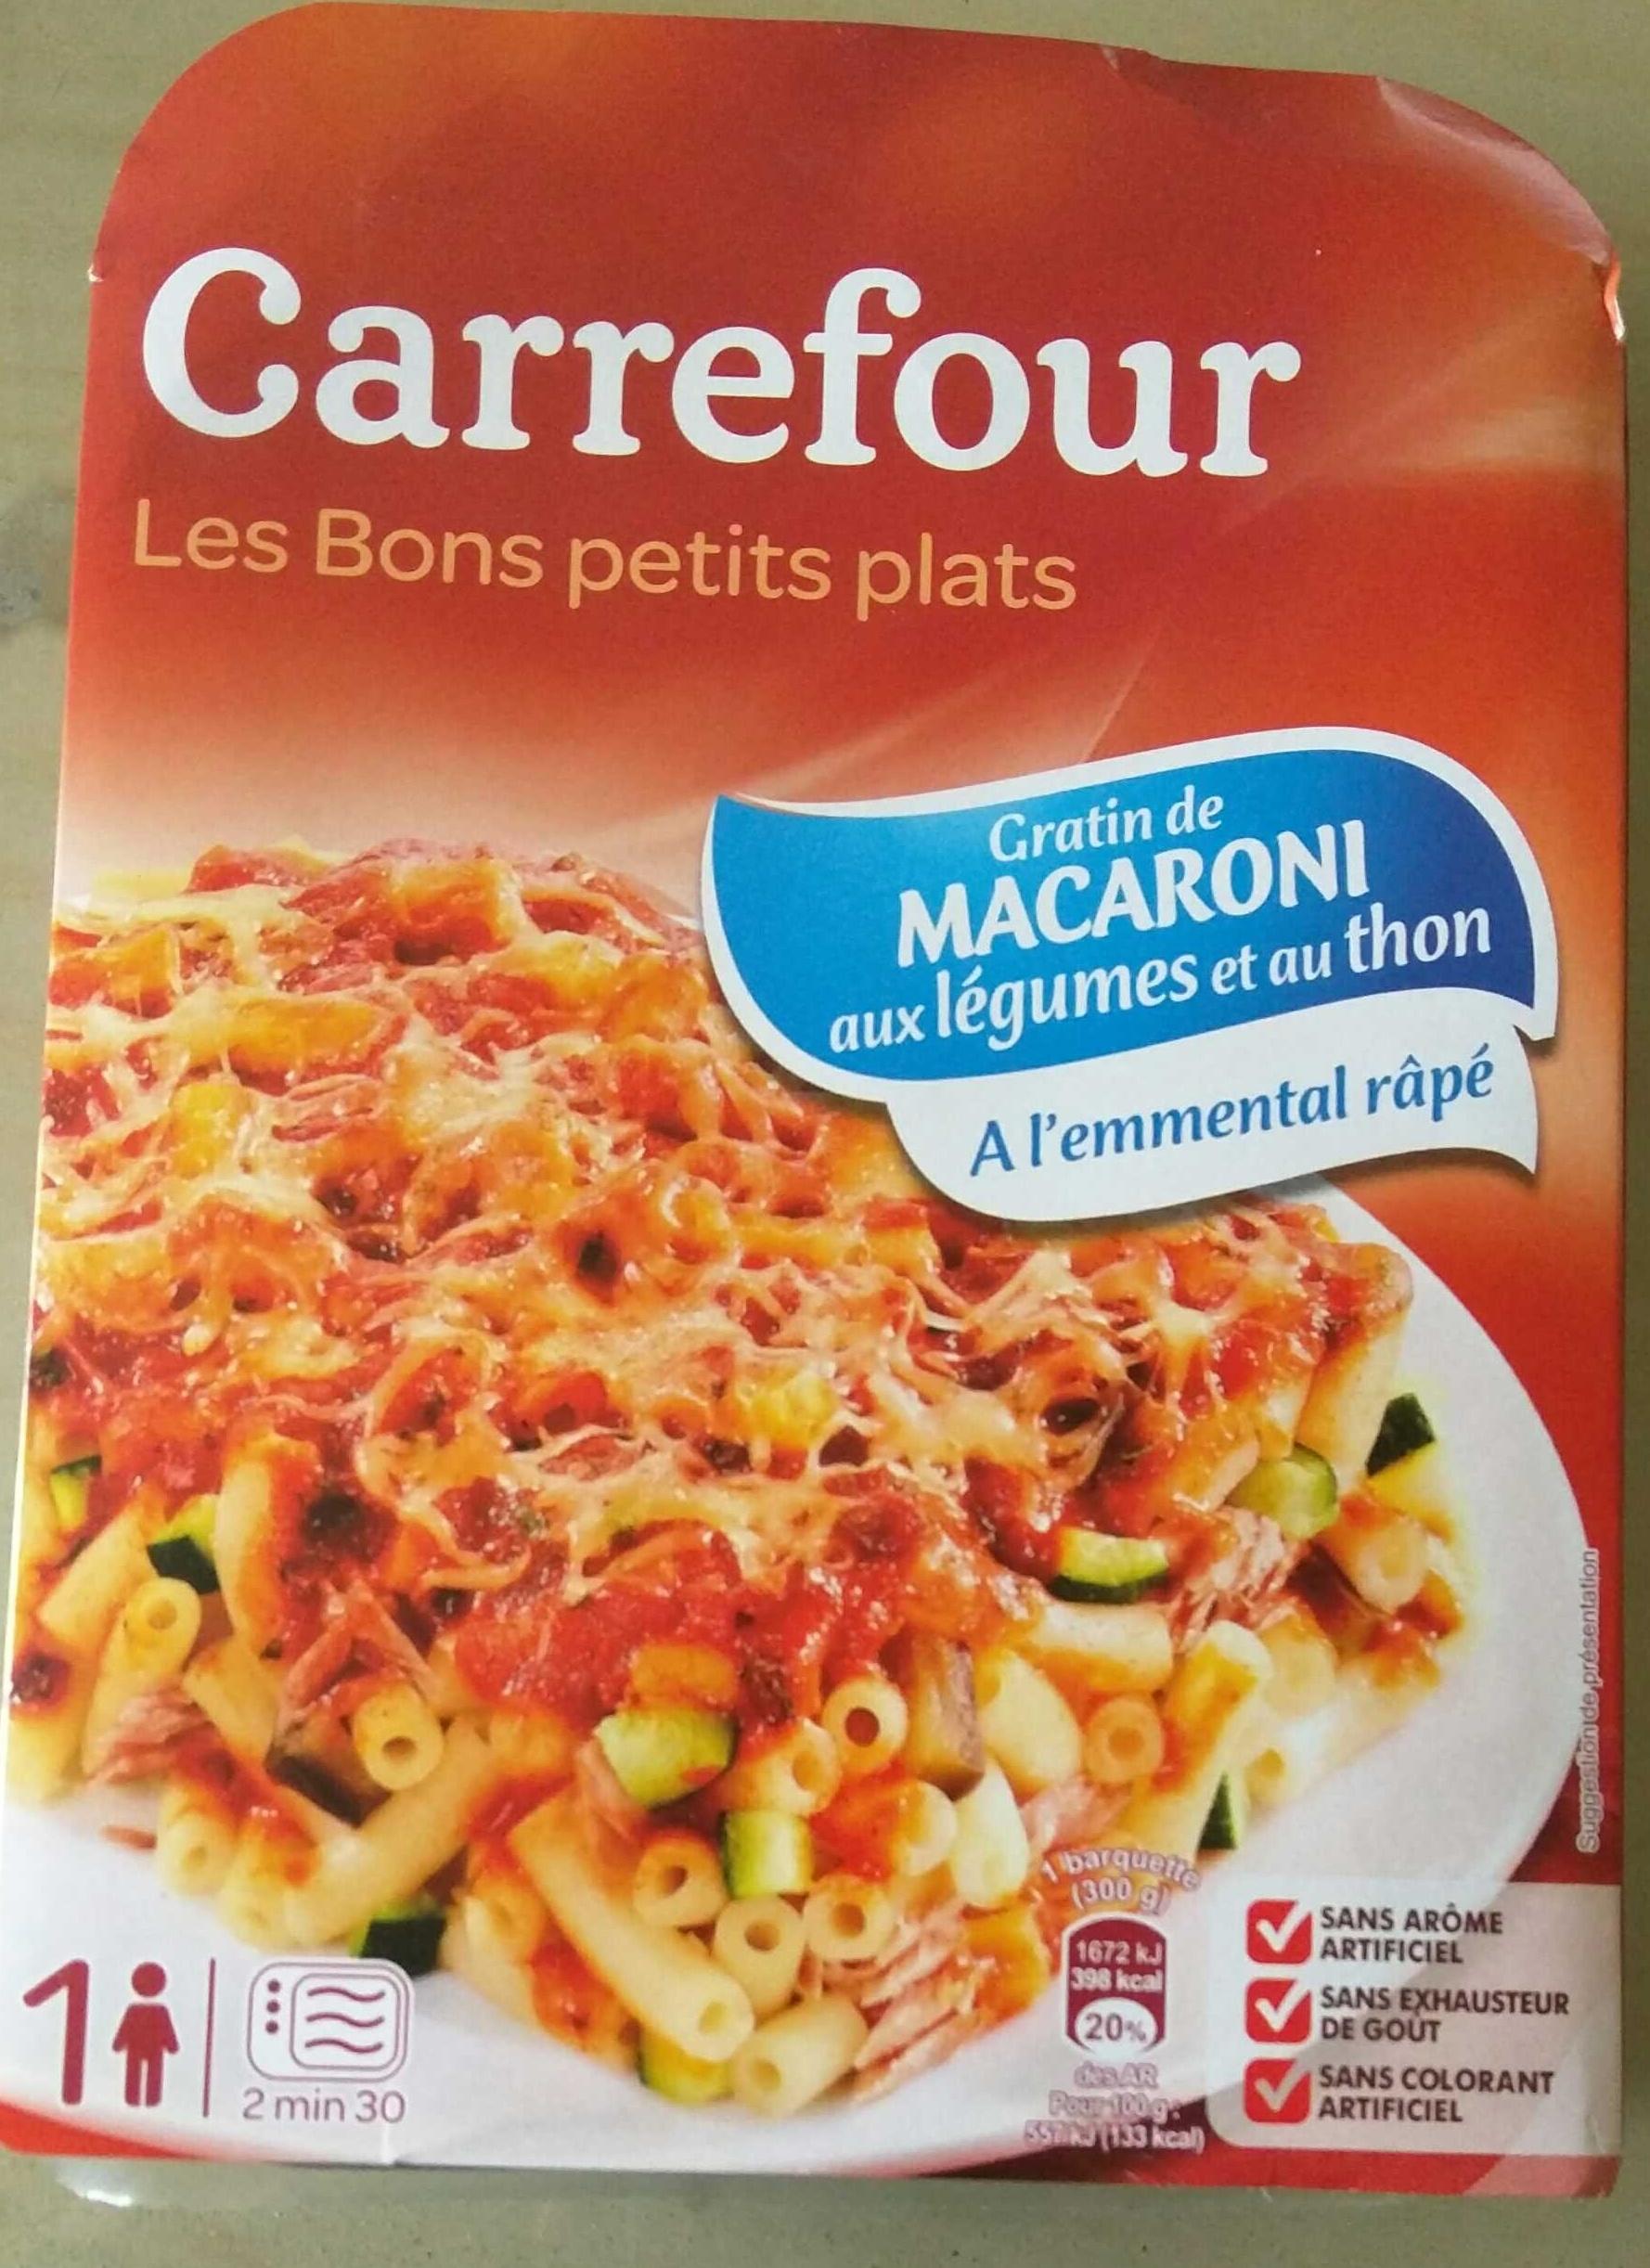 Gratin de macaroni aux légumes et au thon A l'emmental râpé - Produit - fr